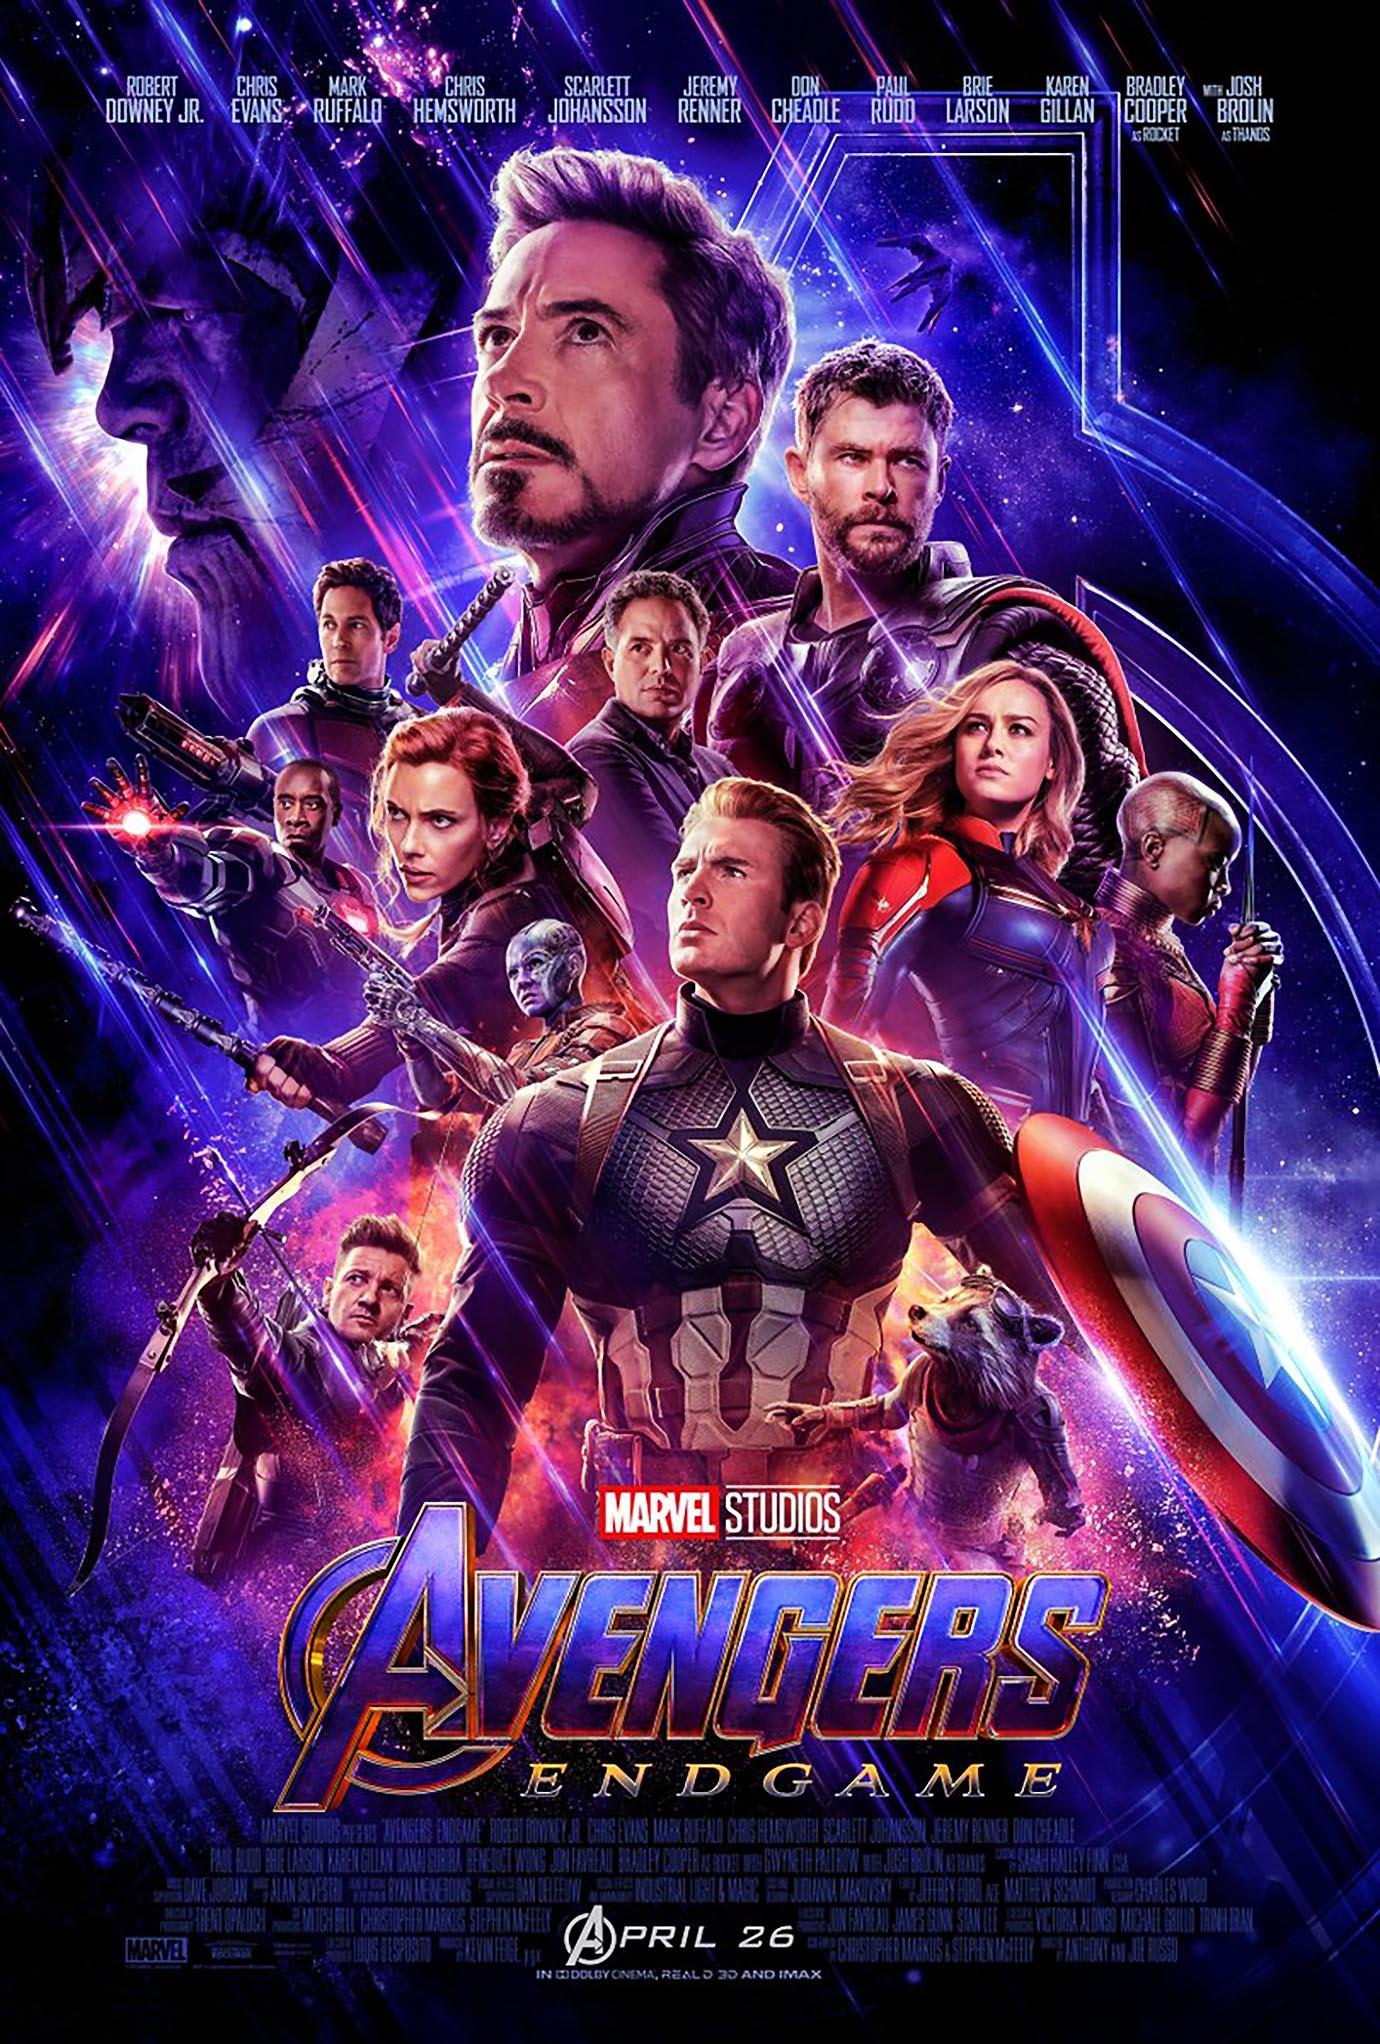 avengers,endgame,okoye,news